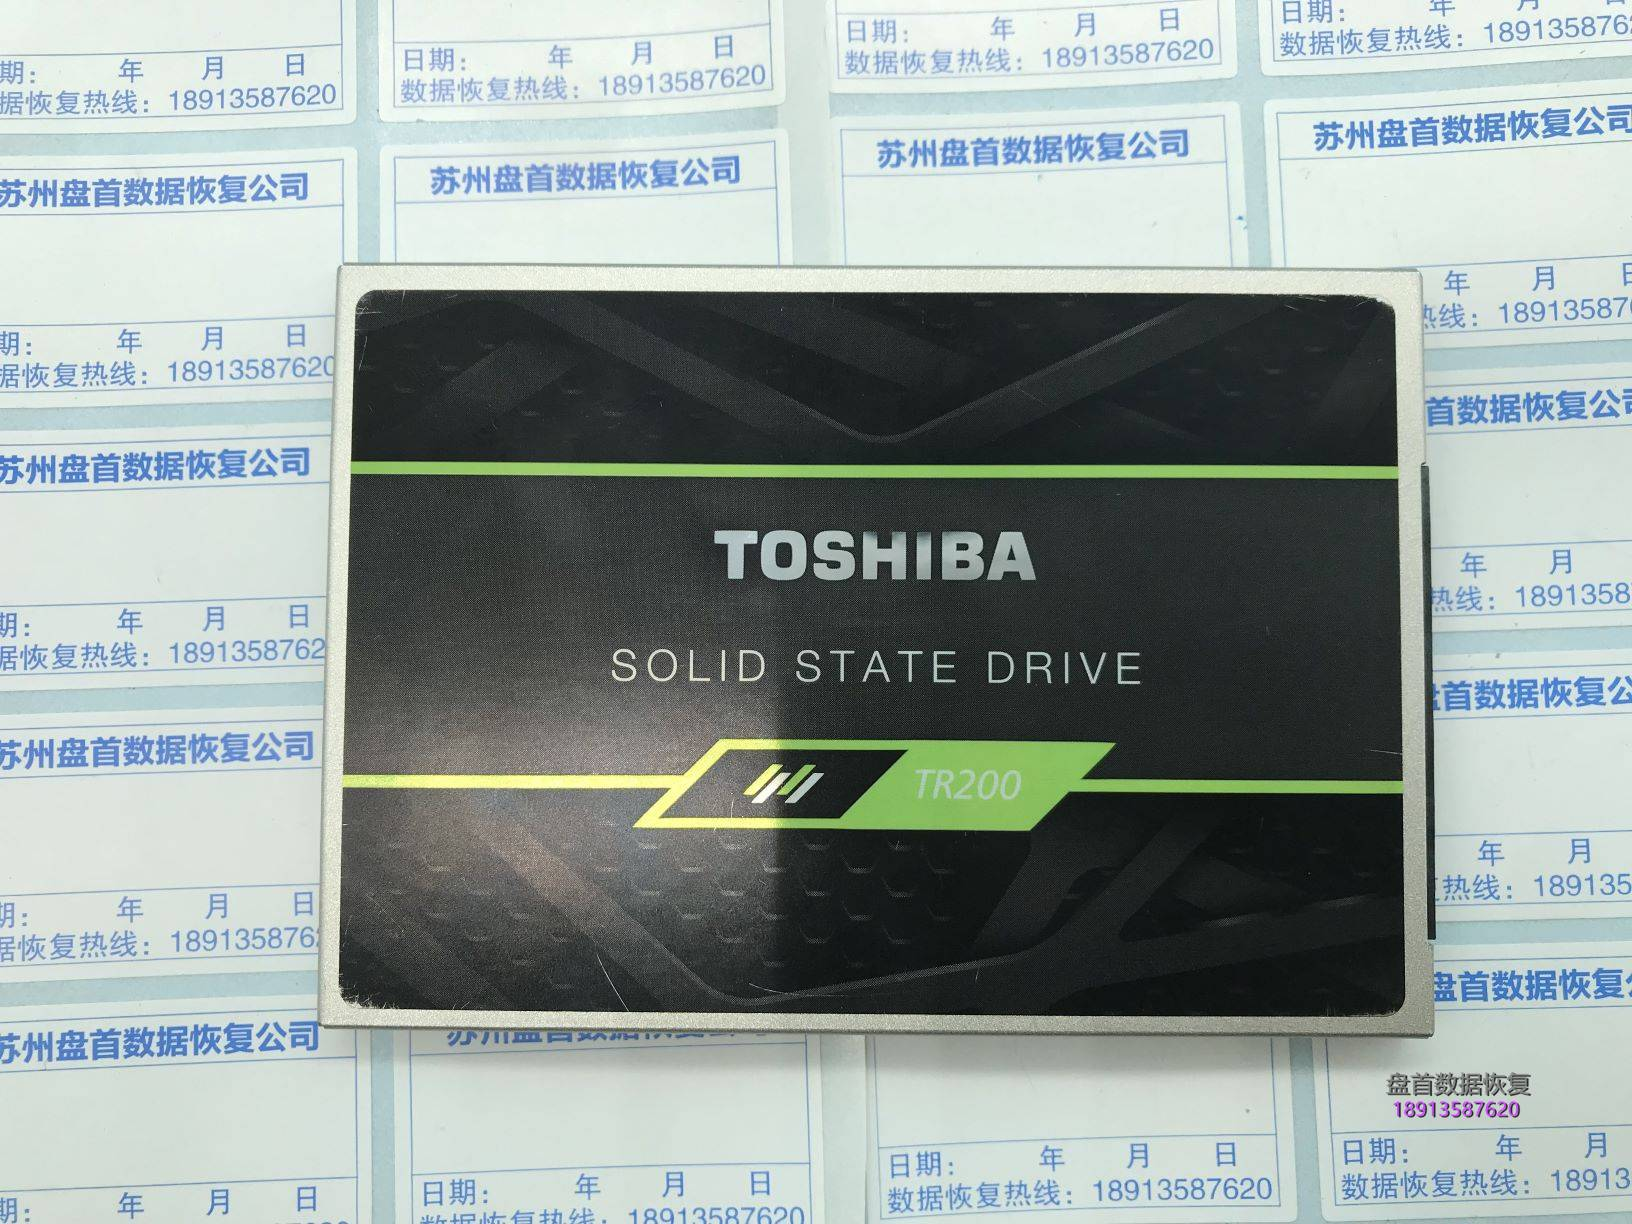 0-13 东芝TR200固态硬盘掉盘无法识别TC58NC1010GSB-00(PS3111)主控无法加载loader完美二次恢复成功